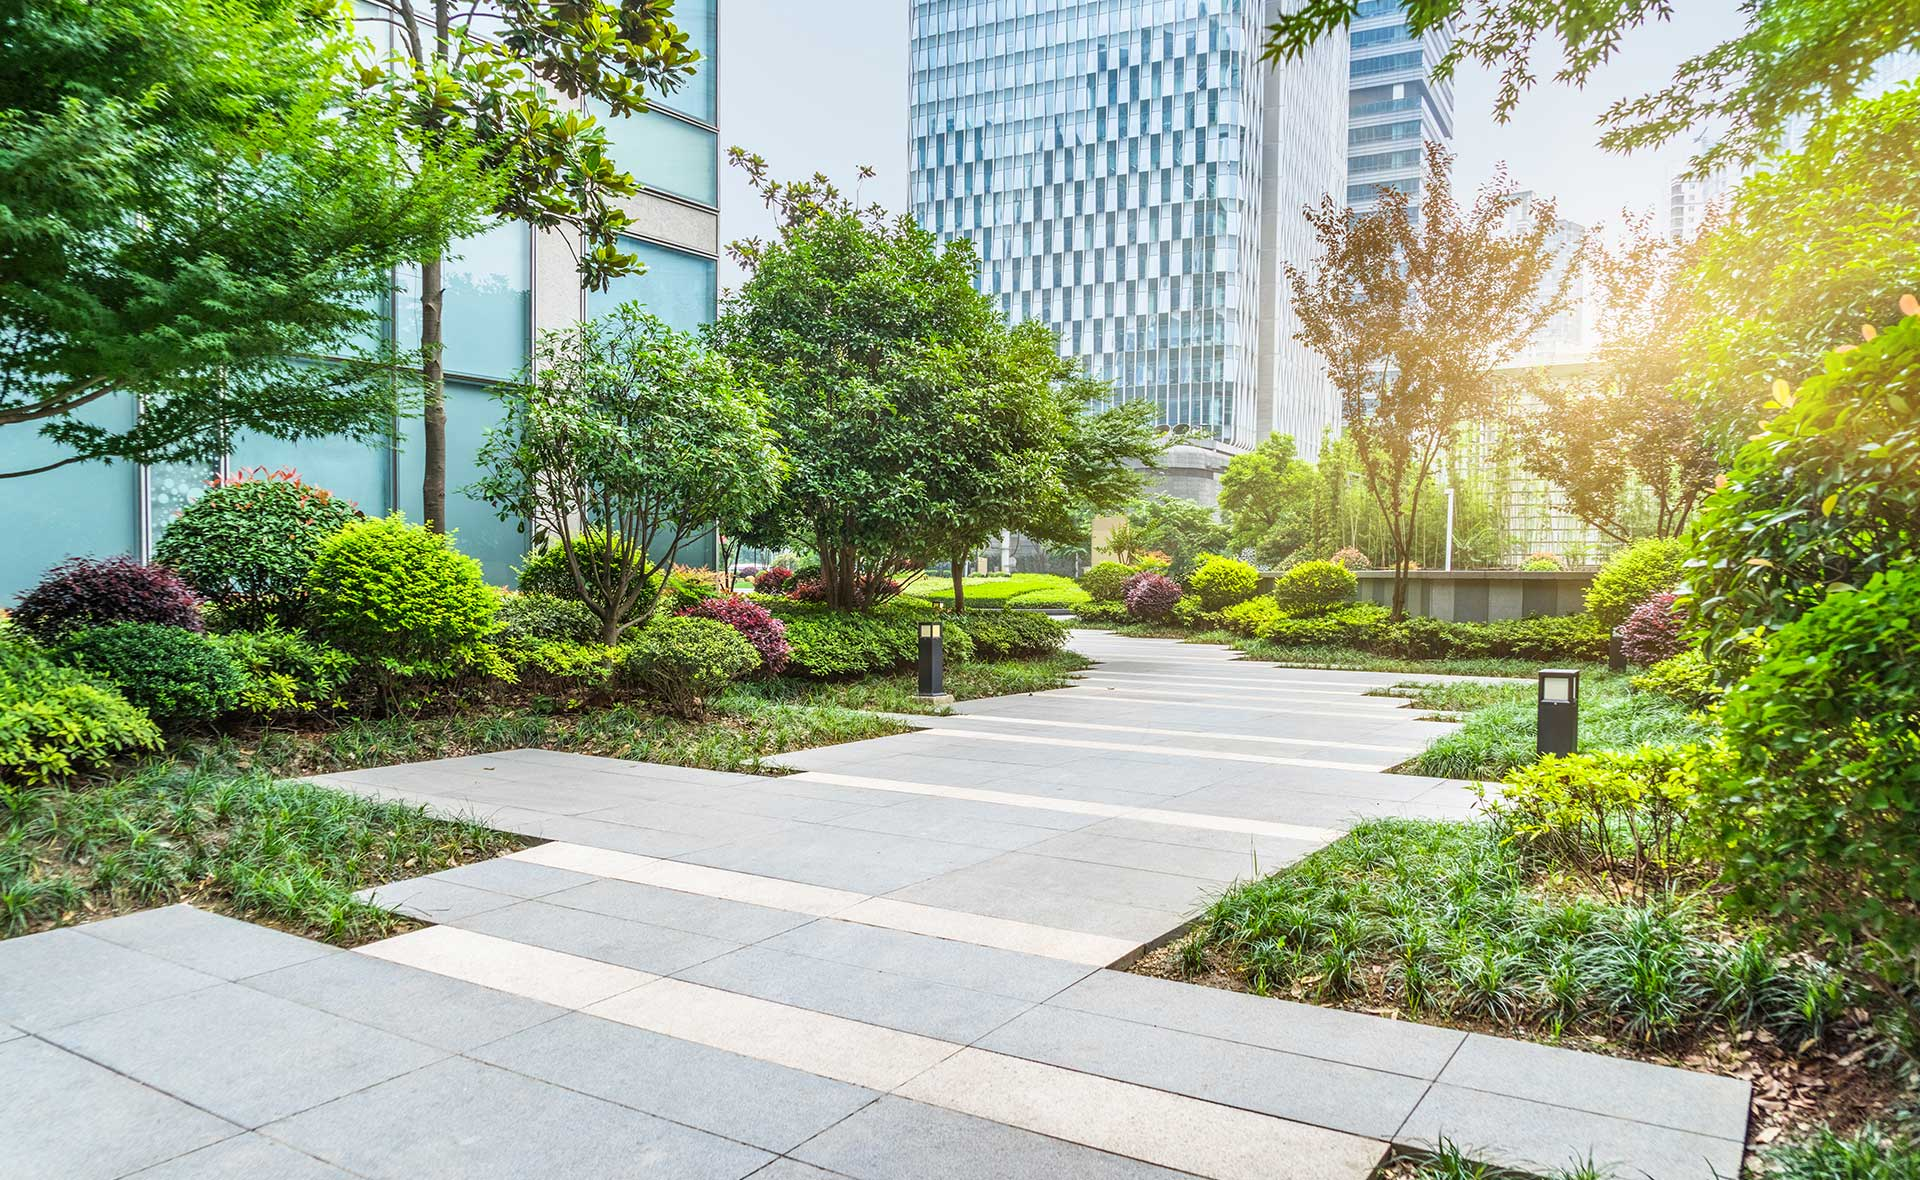 BBVA-certificado-LEED-apertura-ciudad-sostenible-cuidado-entorno-medioambiente-urbanizacion-urbano-vegetacion-